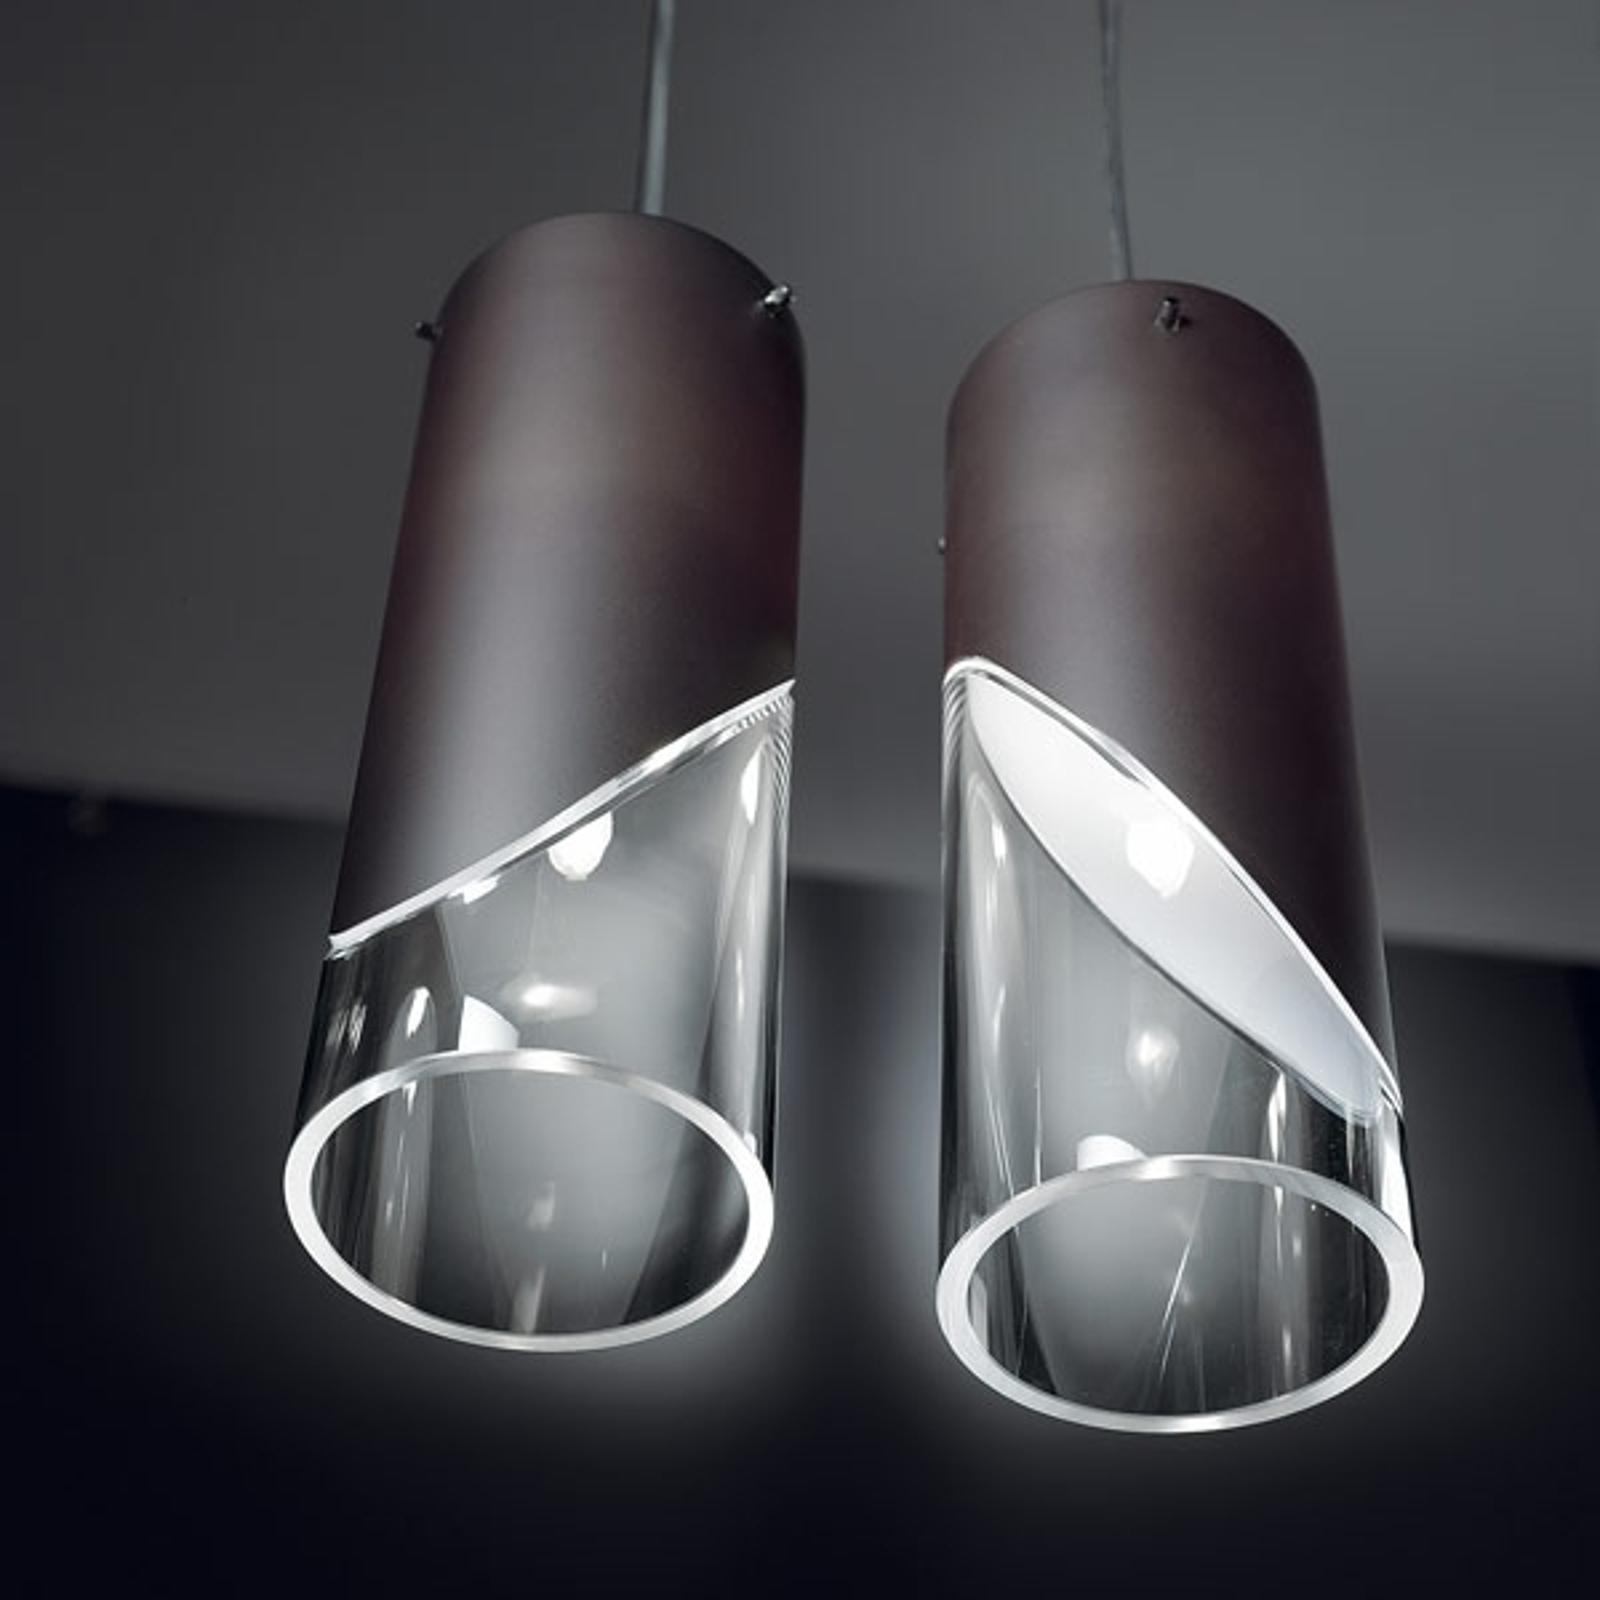 Atrakcyjna stylizowana lampa wisząca CAPO CABANA